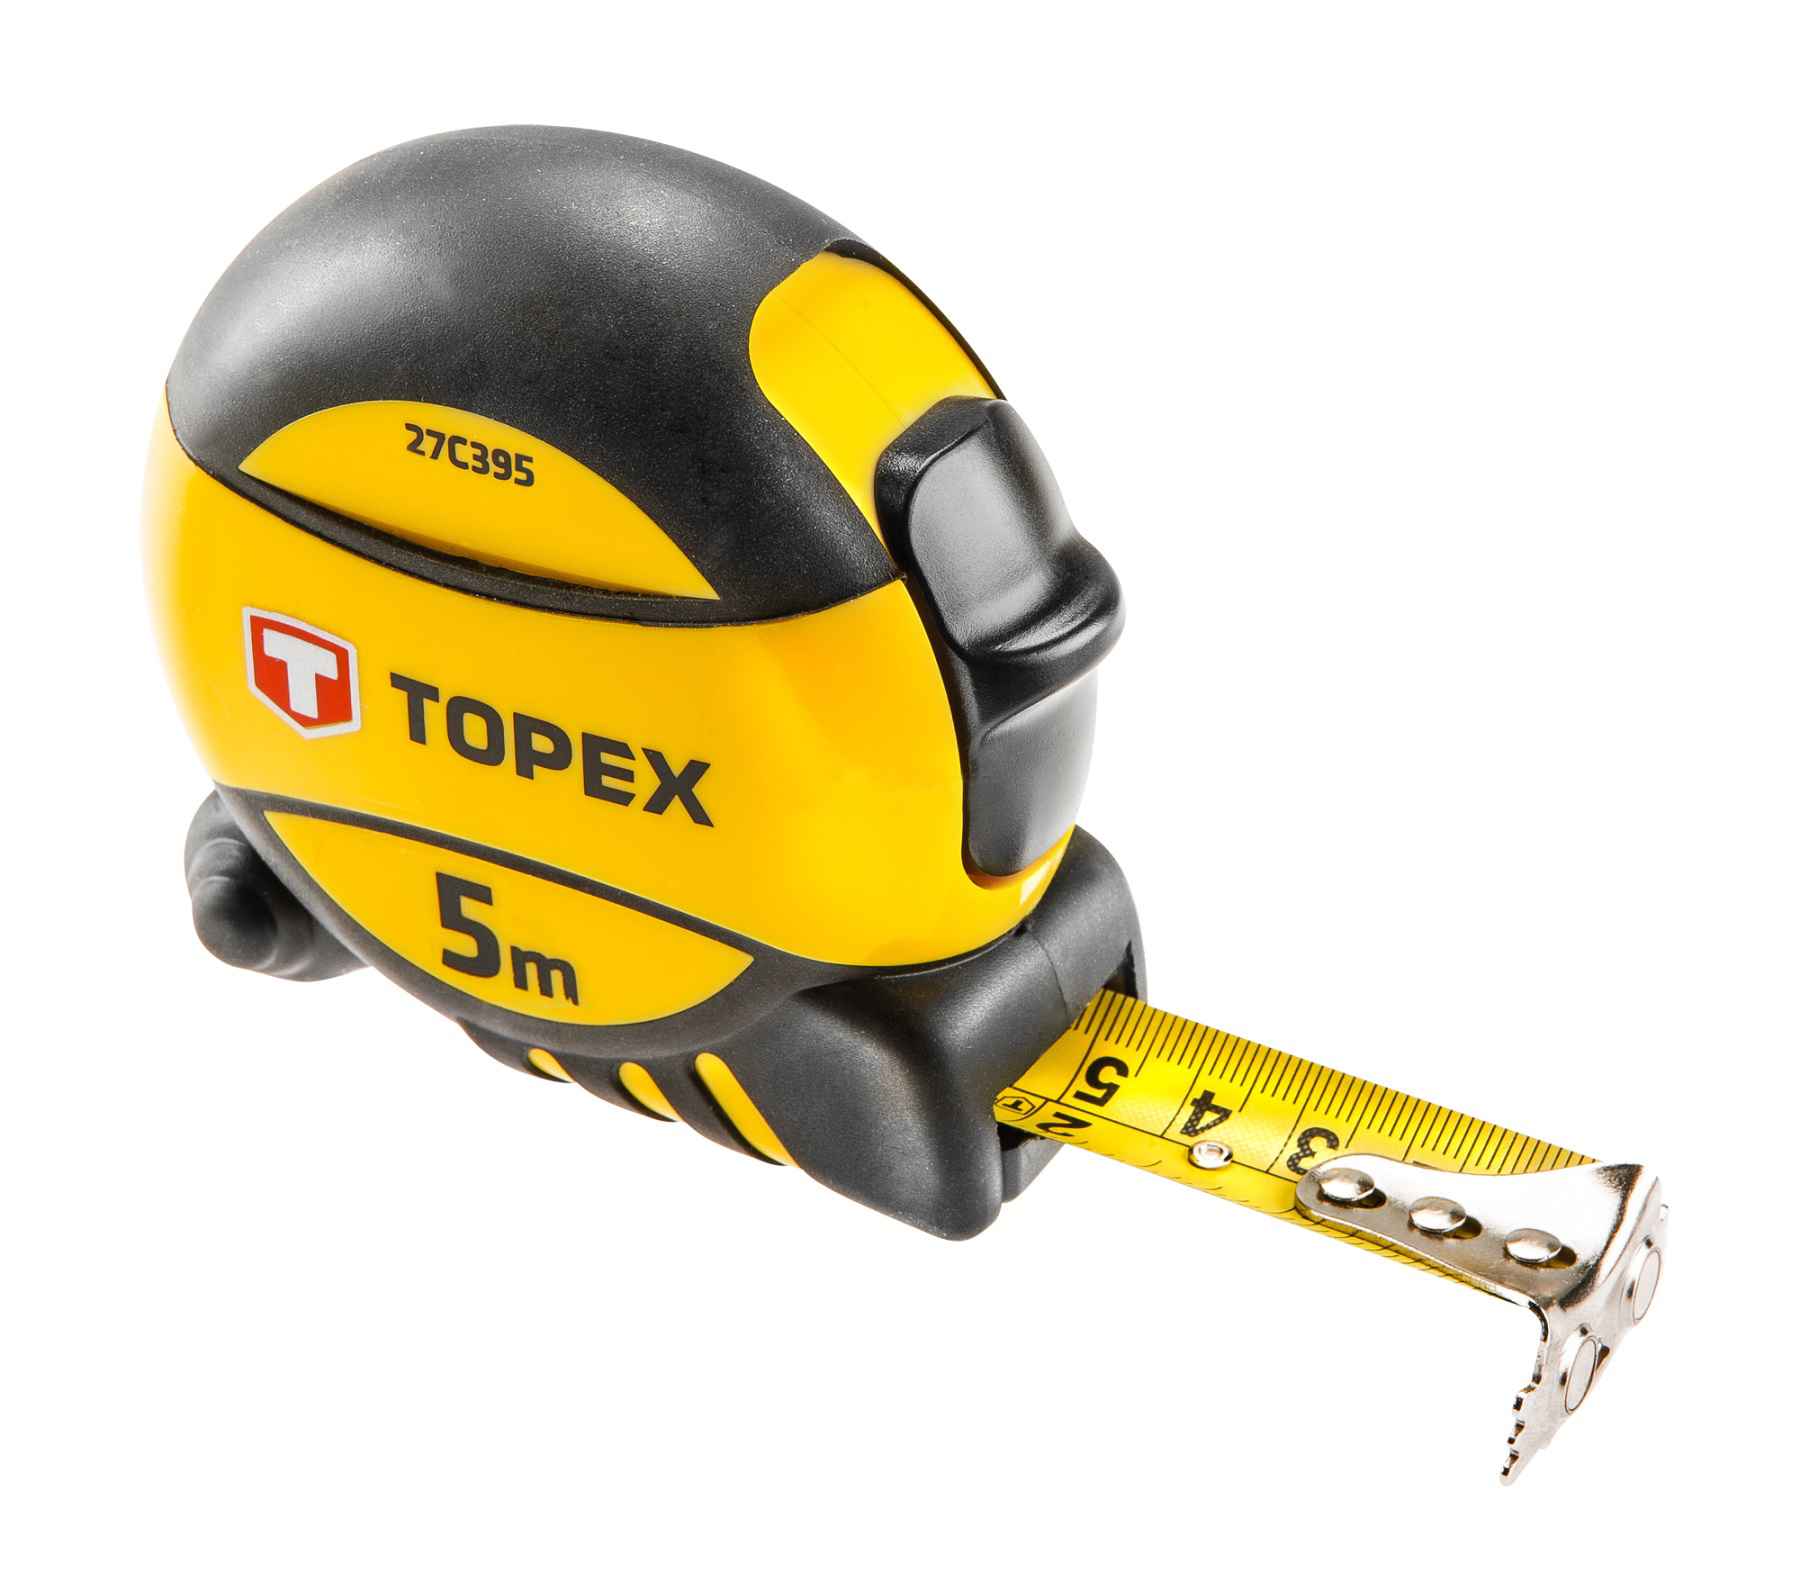 Topex 27C395 Рулетка, сталева стрiчка 5 м x 19 мм